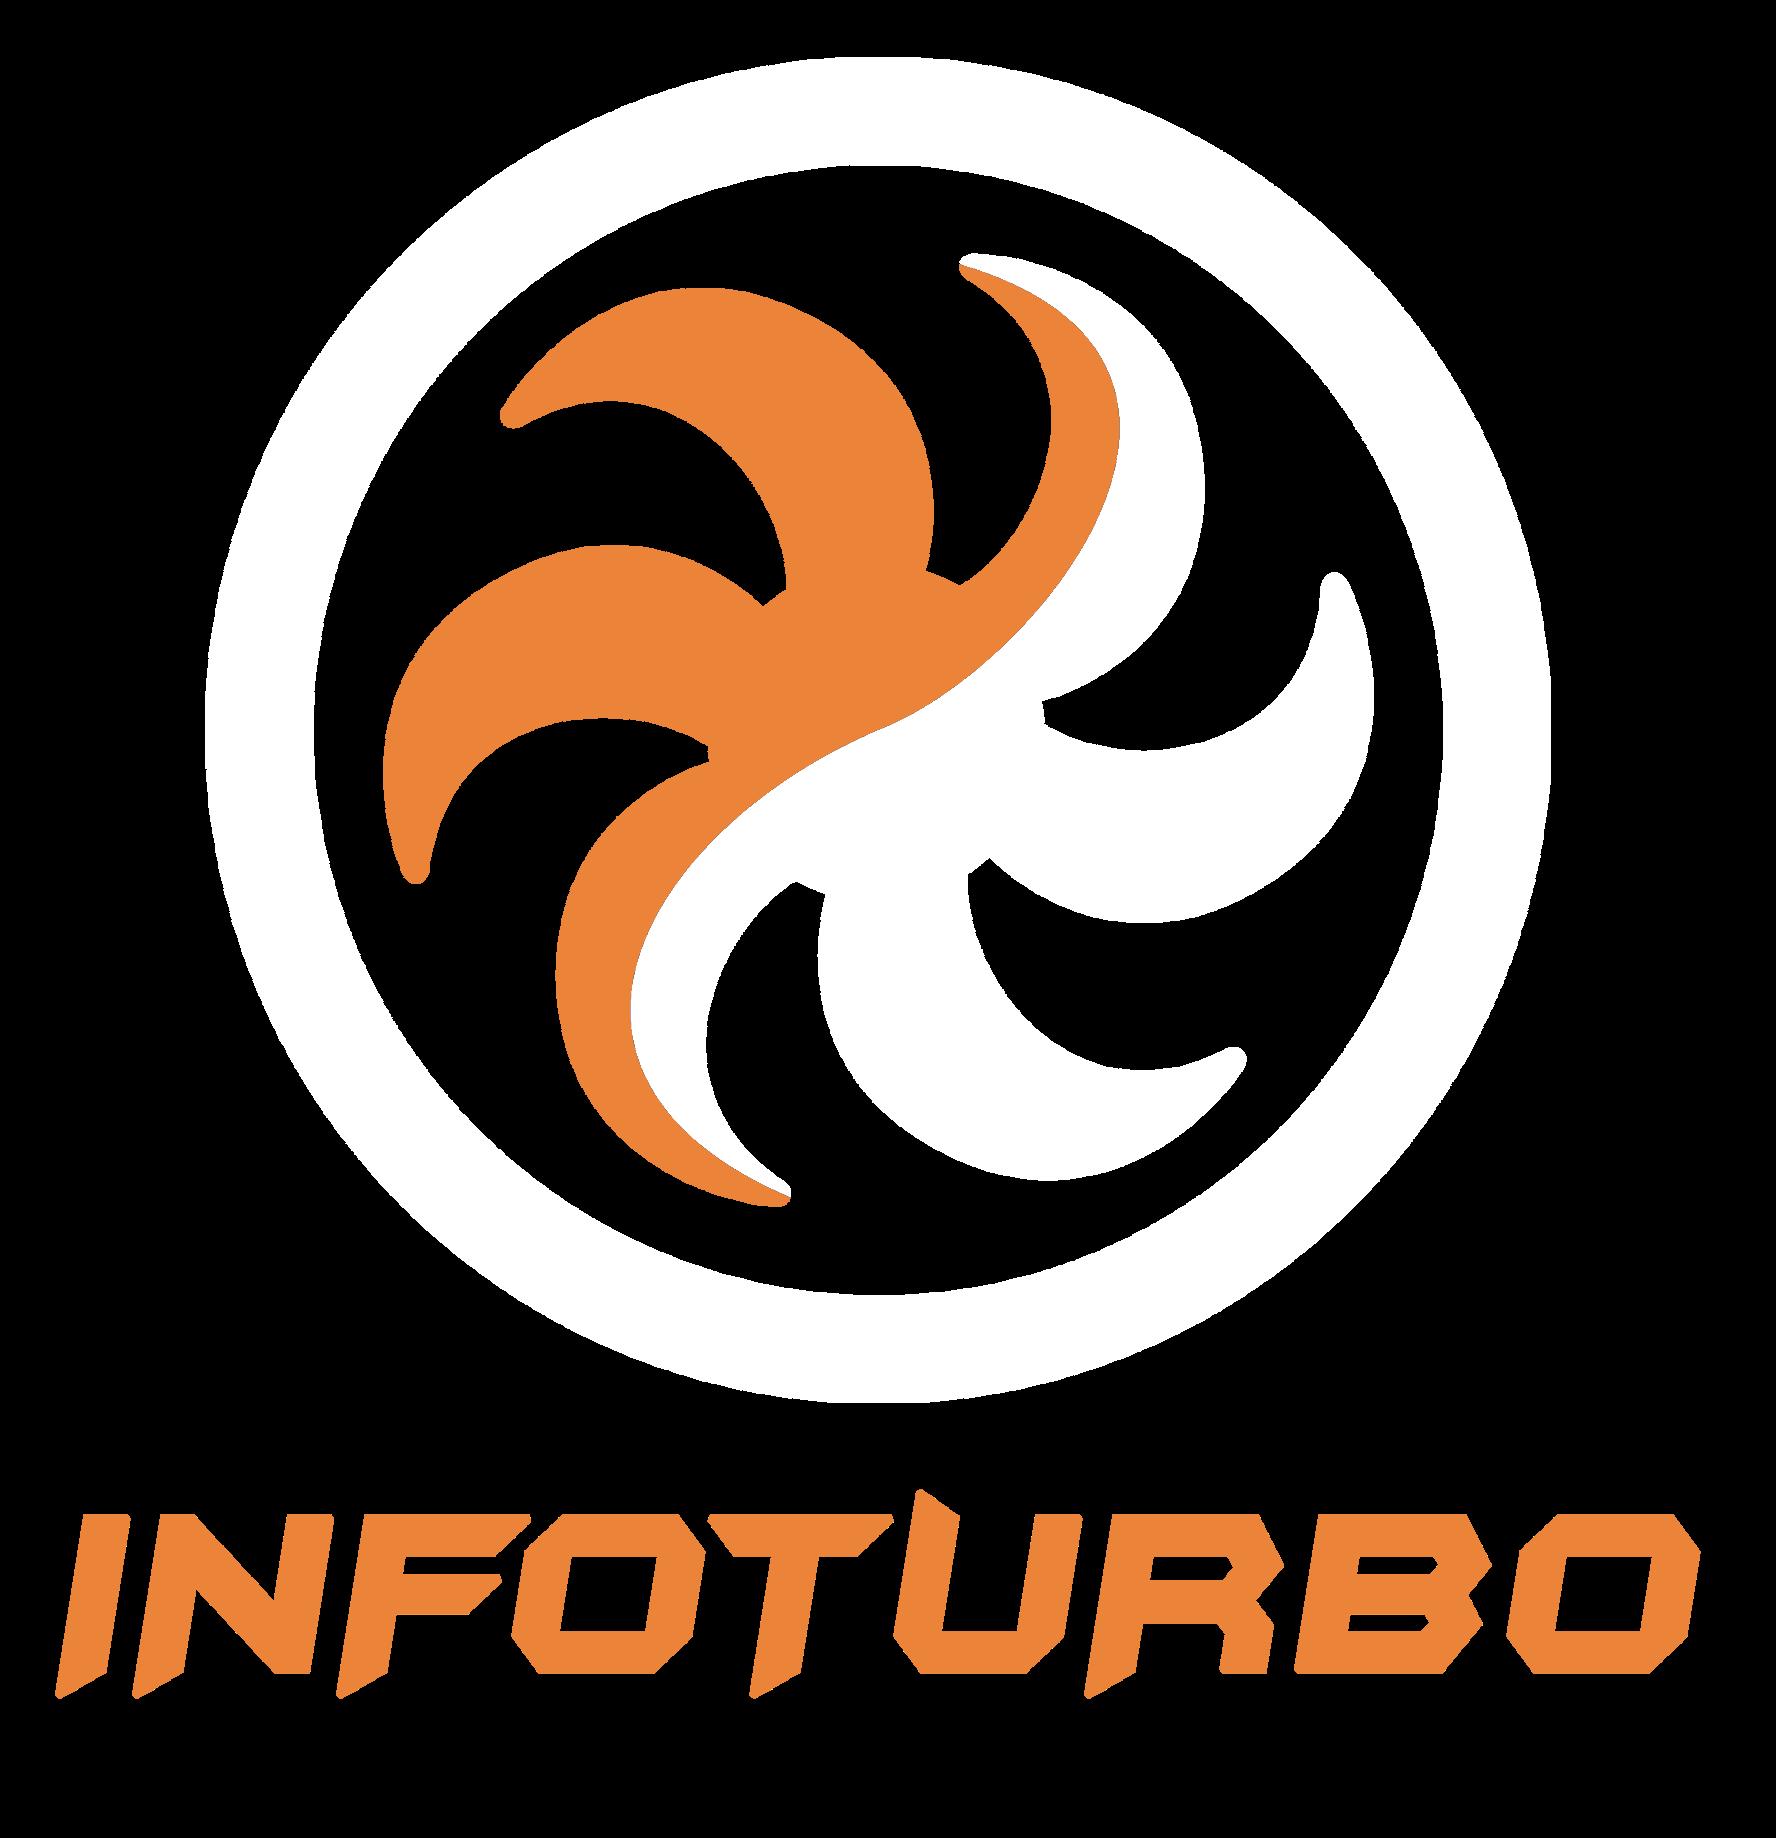 INFOTURBO OFICIAL